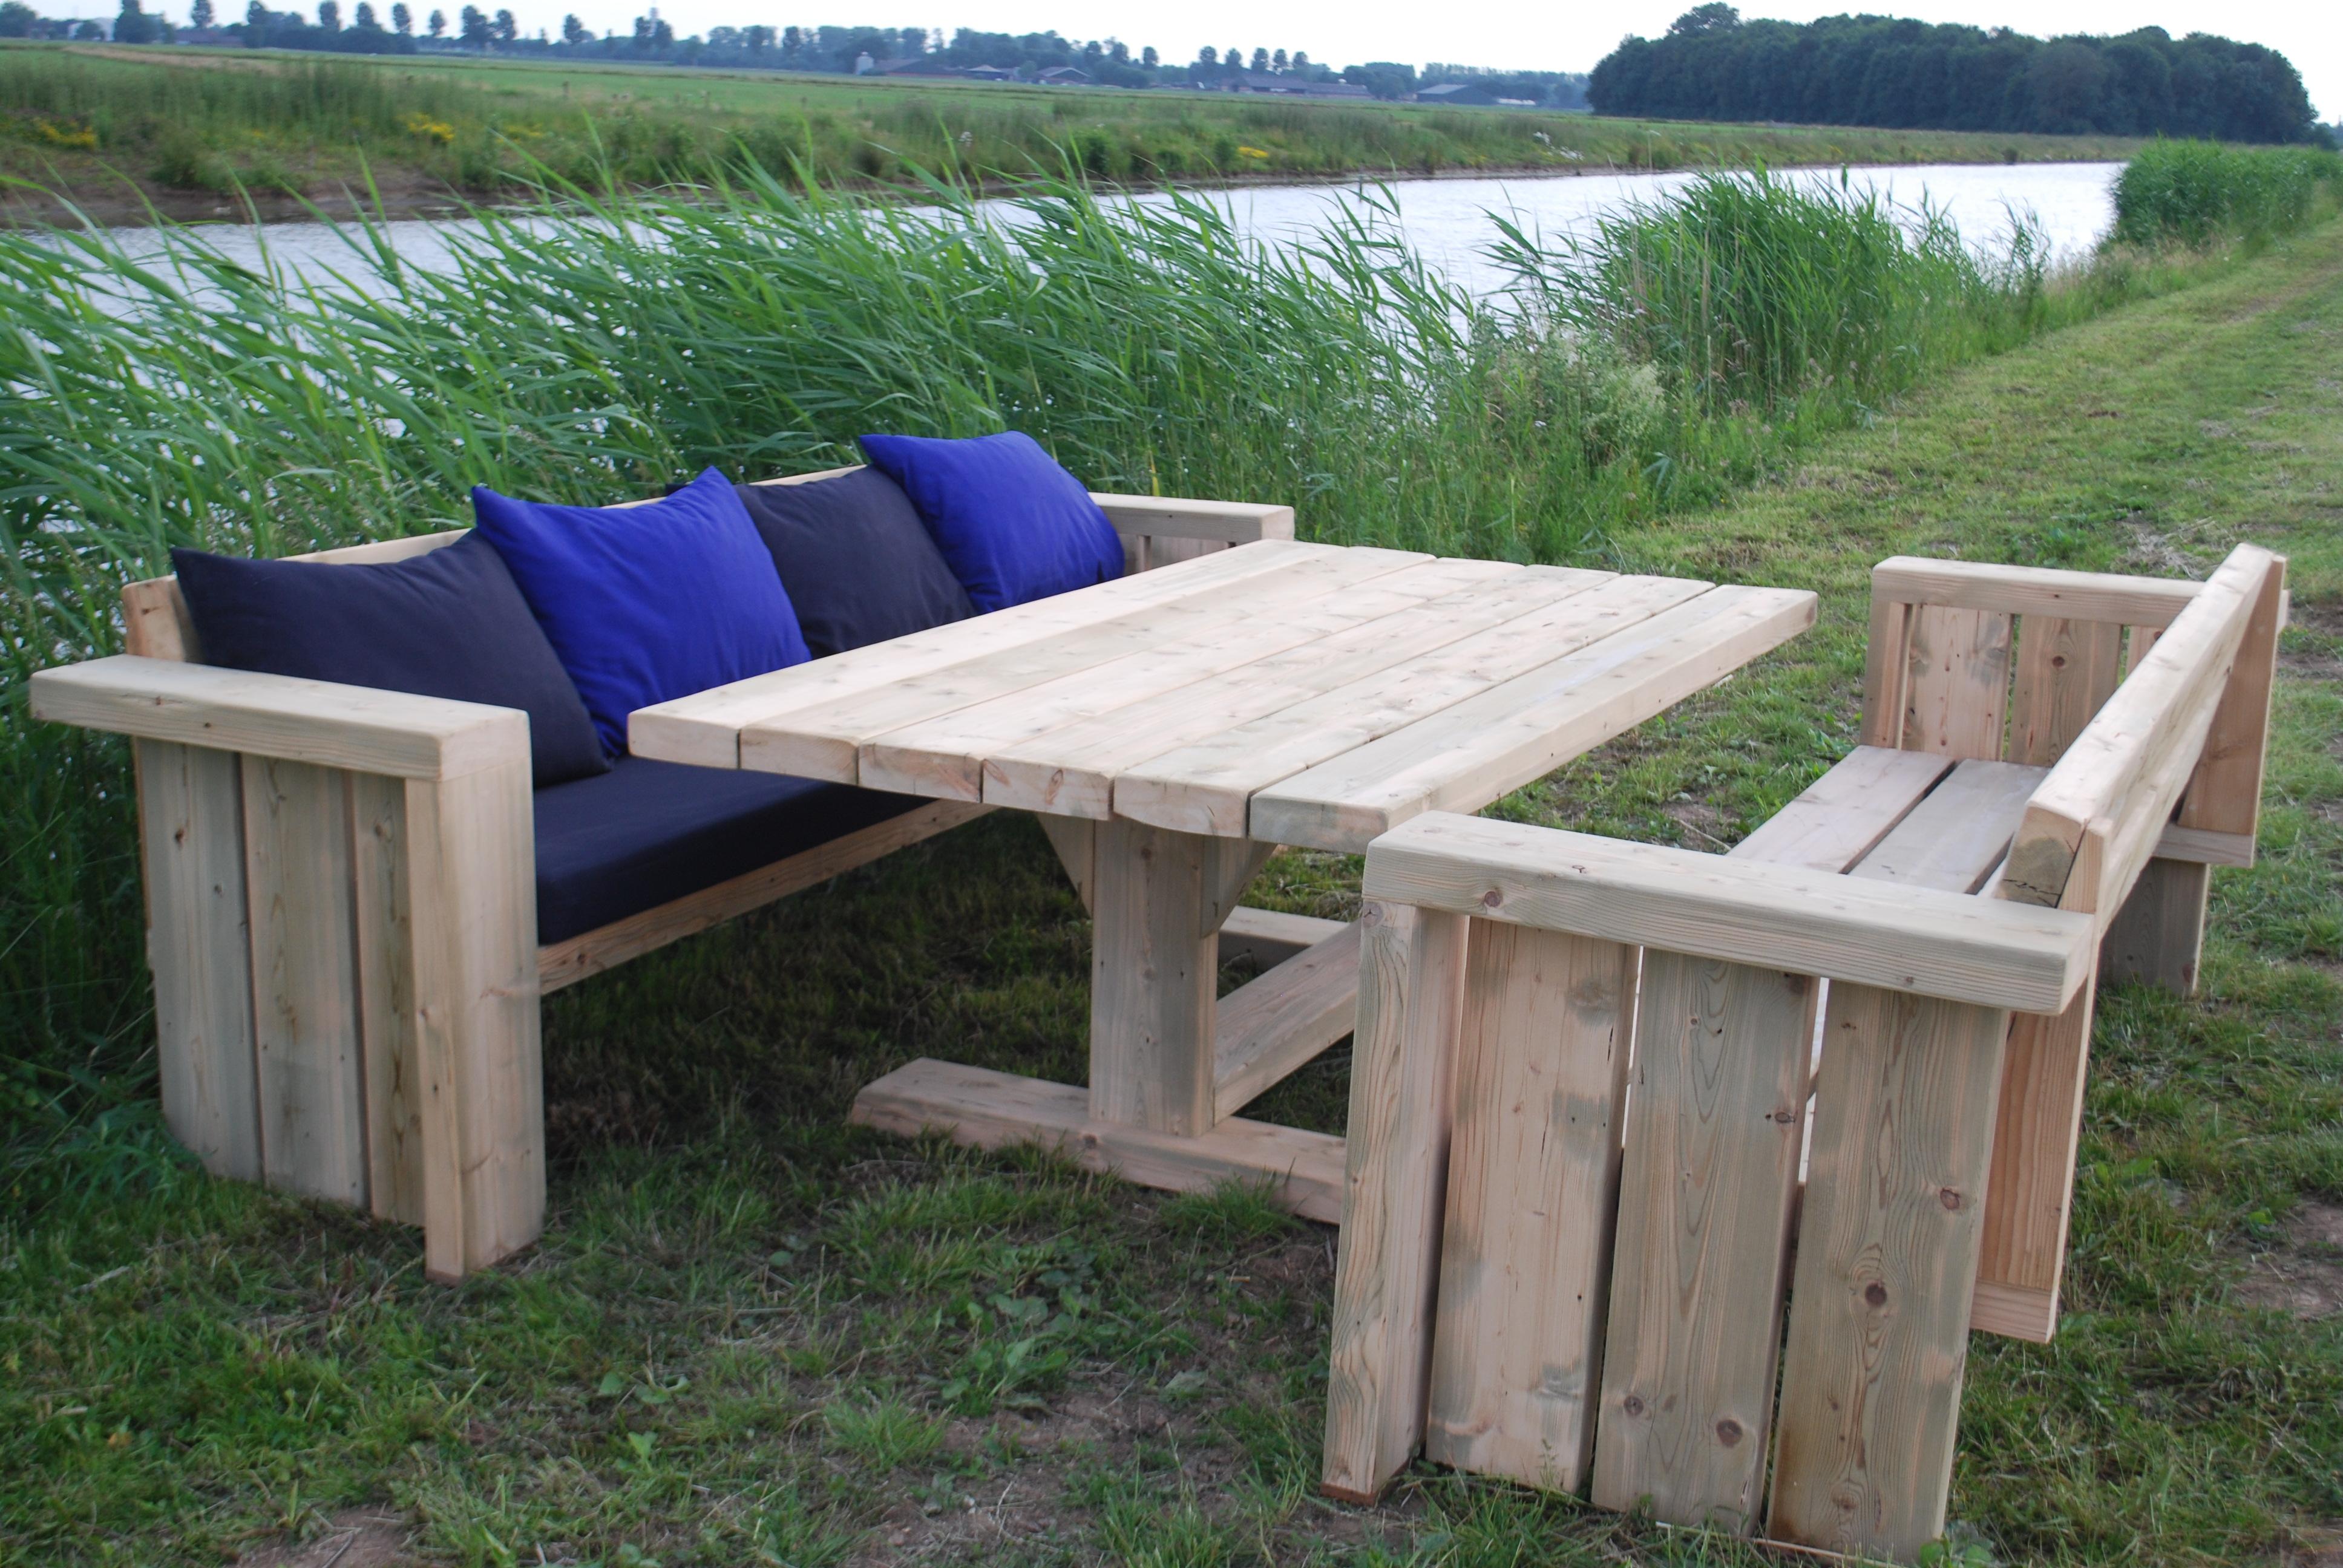 Houten tuinmeubelen kwebbeltafels - Tuin meubilair ...